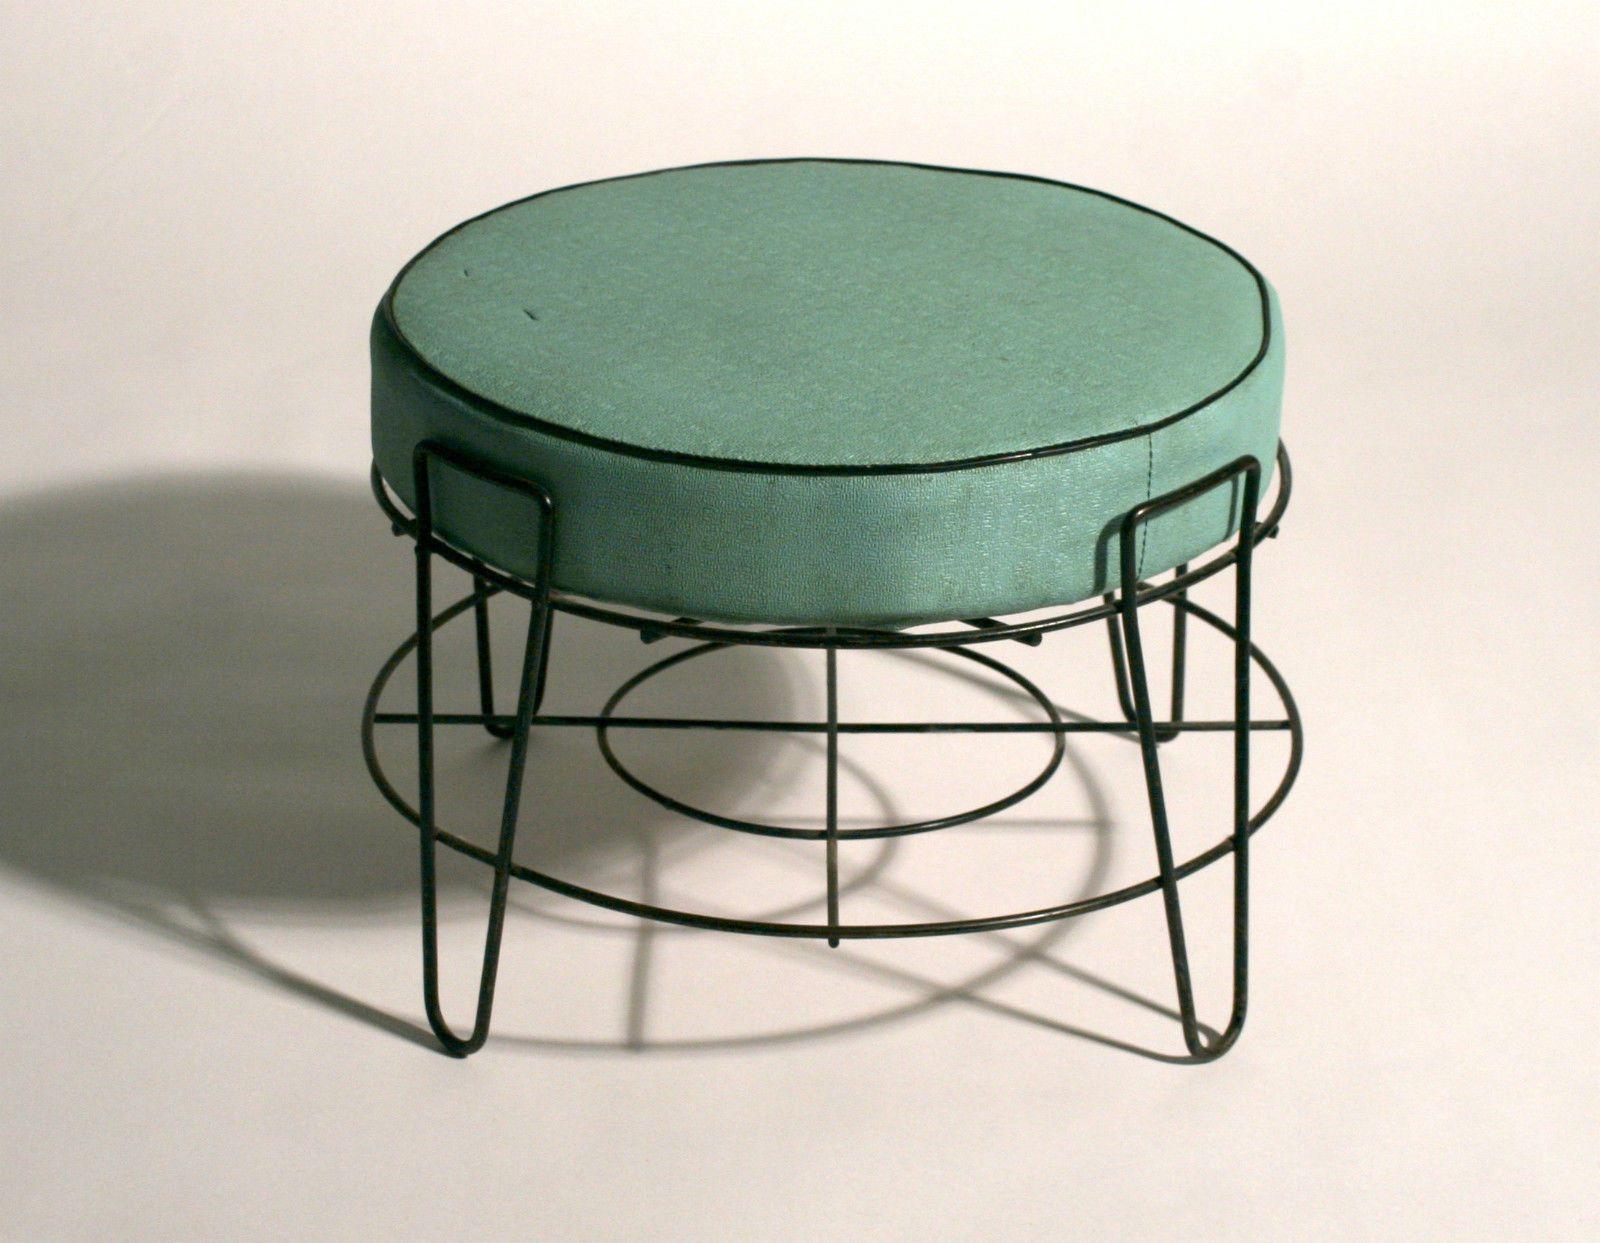 1950s Atomic Foot Stool Midcentury Modern Mid Century Mid Century Furniture